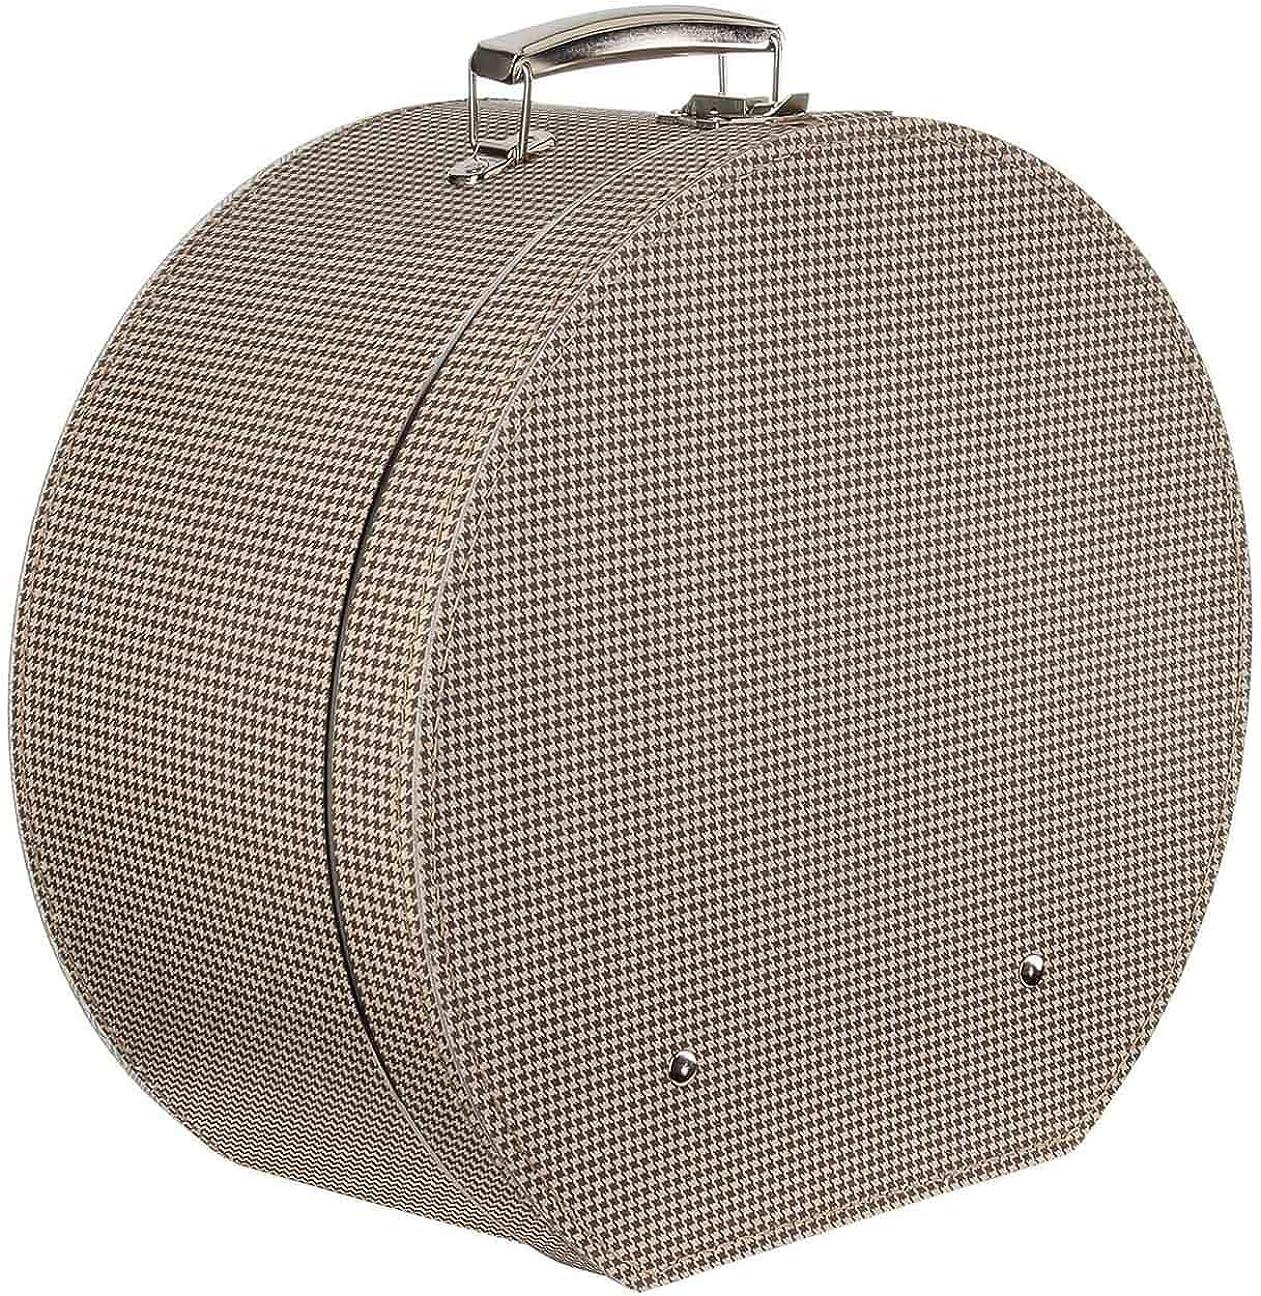 Lierys Caja para Sombrero Pata de Gallo Mujer/Hombre - Made in The EU sombrerera Verano/Invierno - Talla única marrón: Amazon.es: Ropa y accesorios